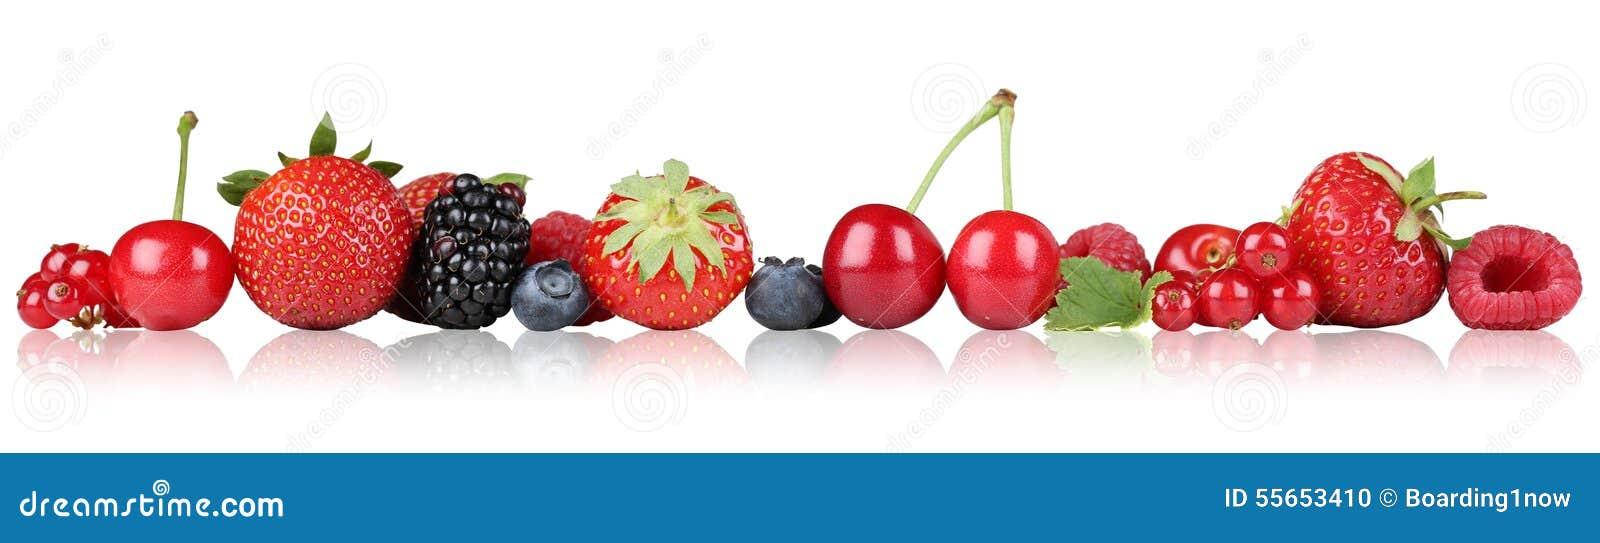 Jagodowe owoc graniczą truskawkowej malinki, wiśnie z rzędu